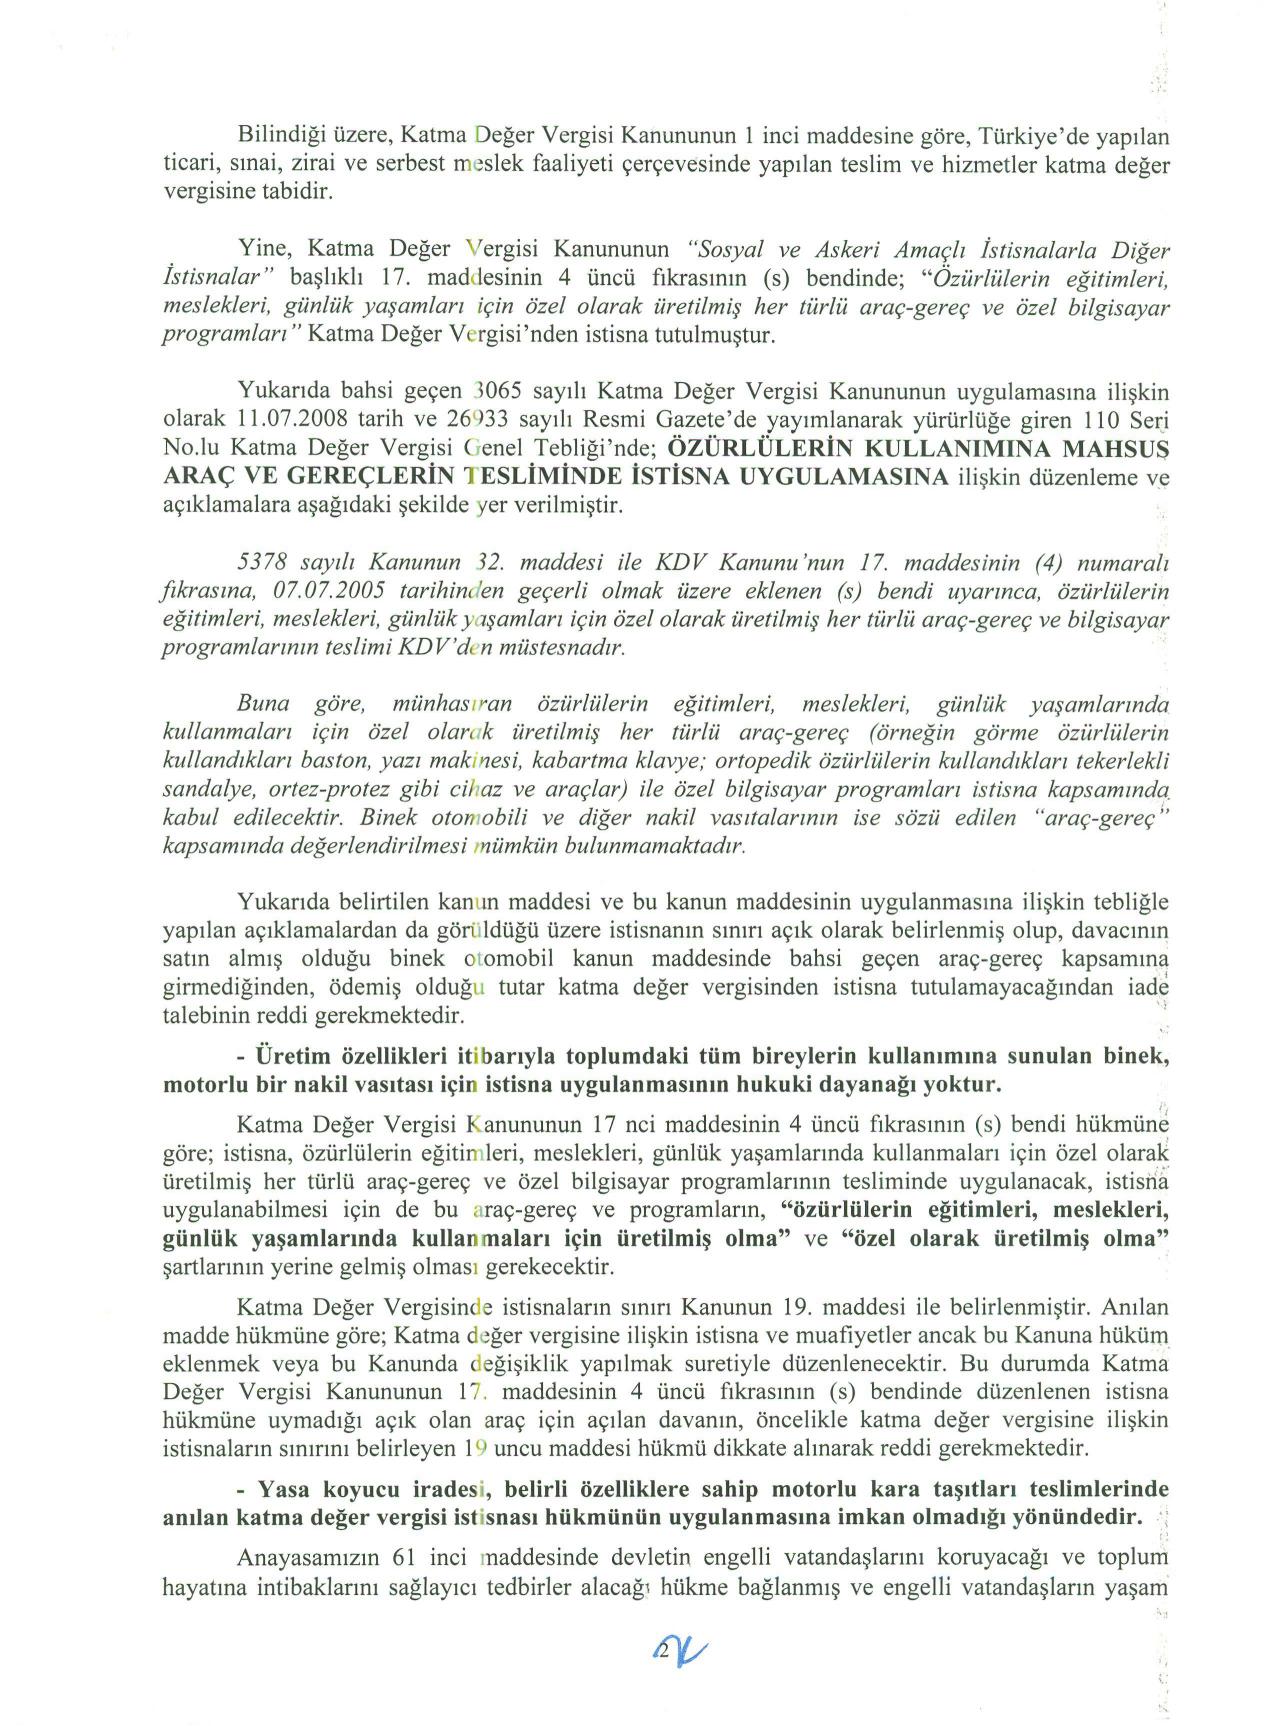 Istanbul BMVD savunma2 - Sakat statüsünde alınan araç için ödenen KDV'nin geri alınması işlemleri ve süreç